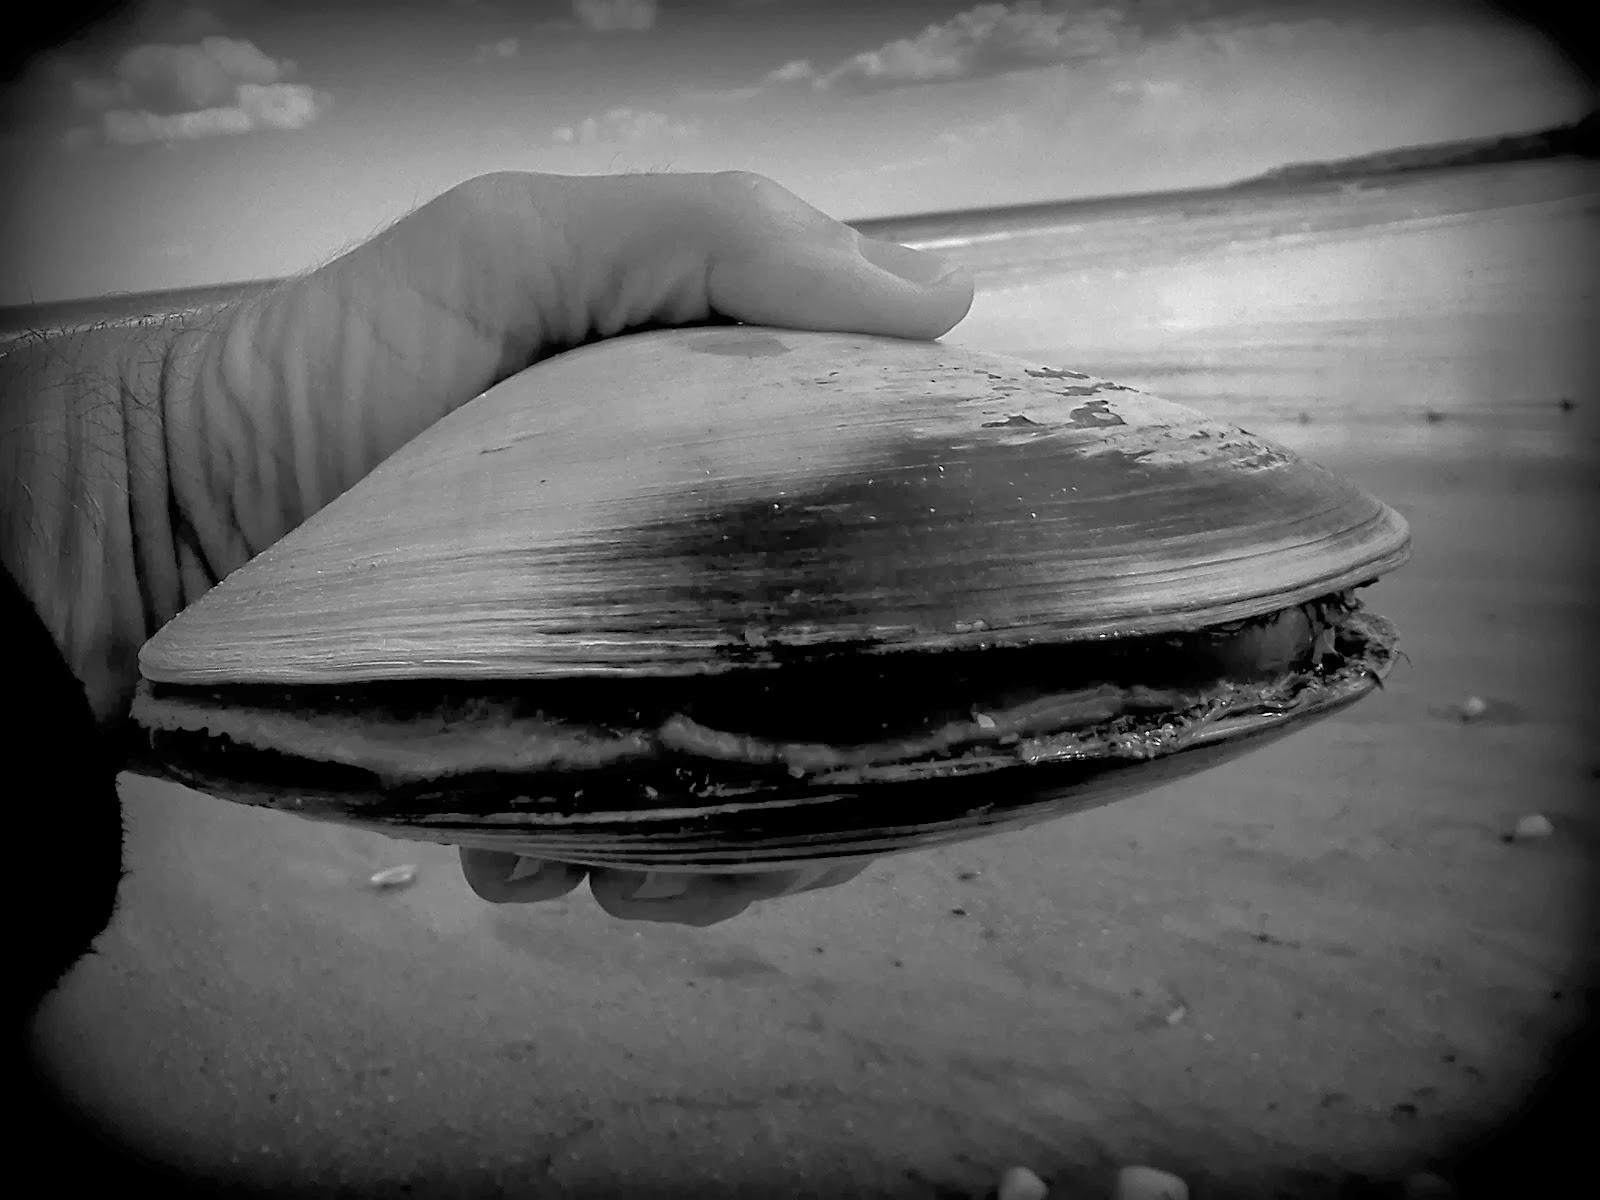 океанский венус, моллюск, самое старое существо на земле